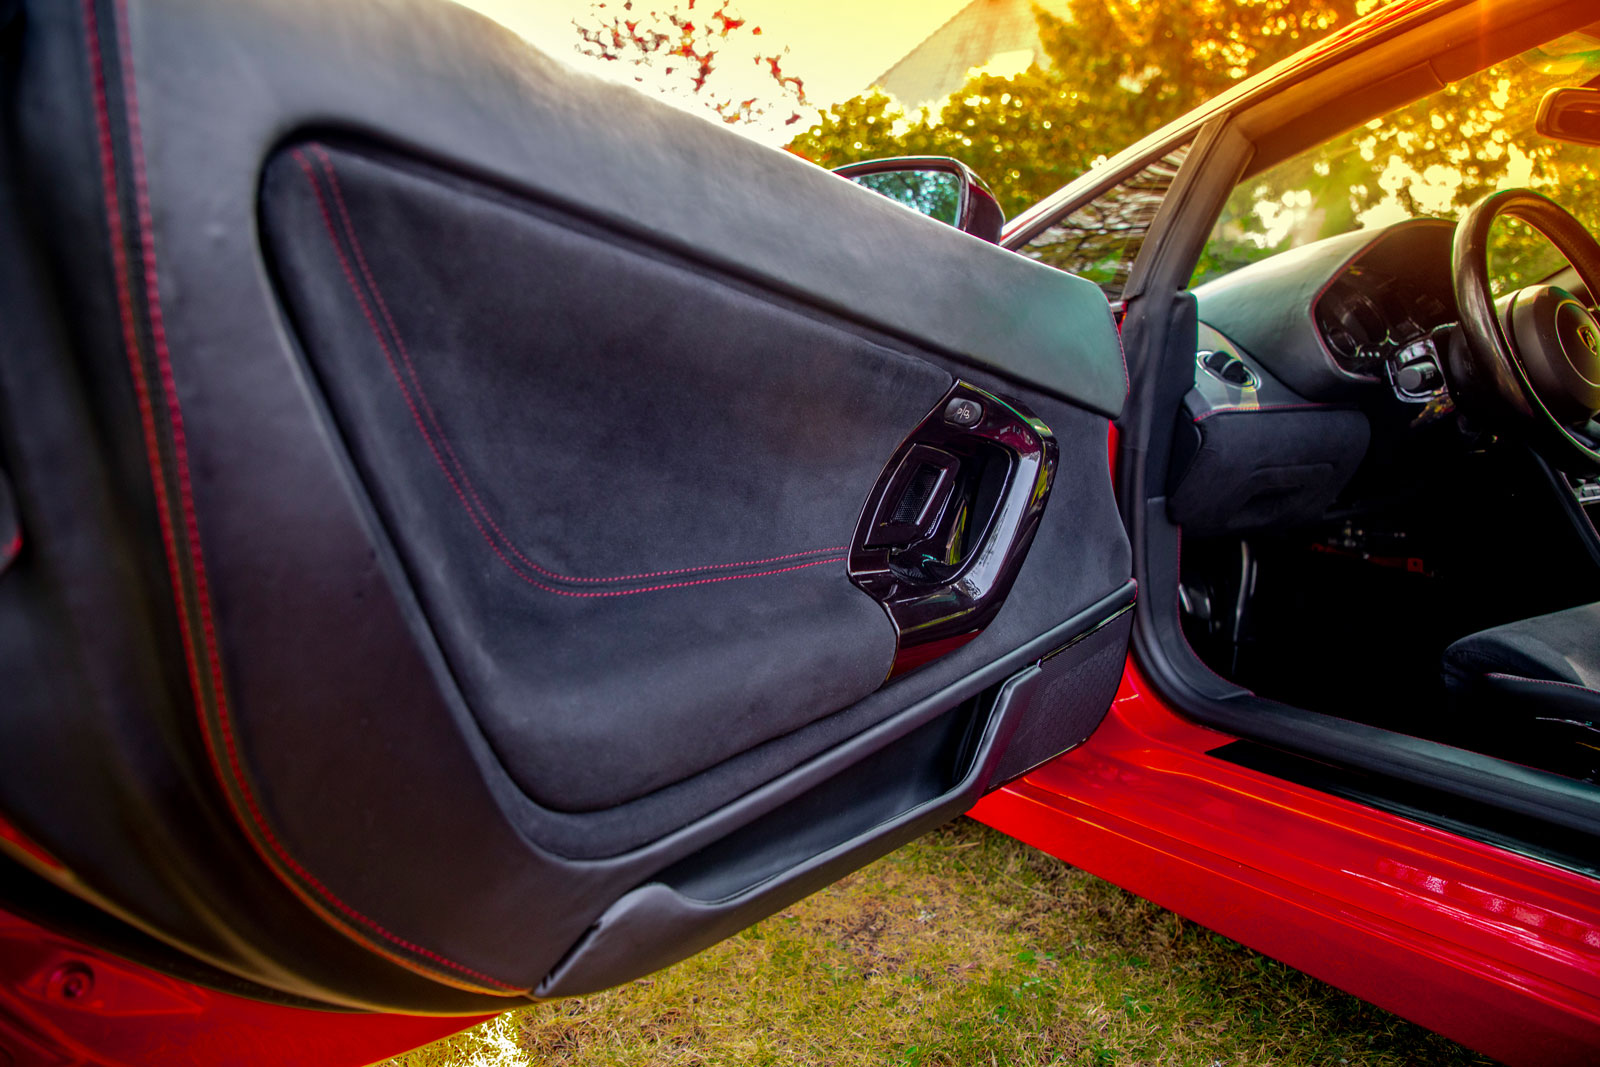 Sattlerei K.M. Lederdesign, Polsterer, Interieur Sattlerei Autositze beziehen Lamborghini Gallardo